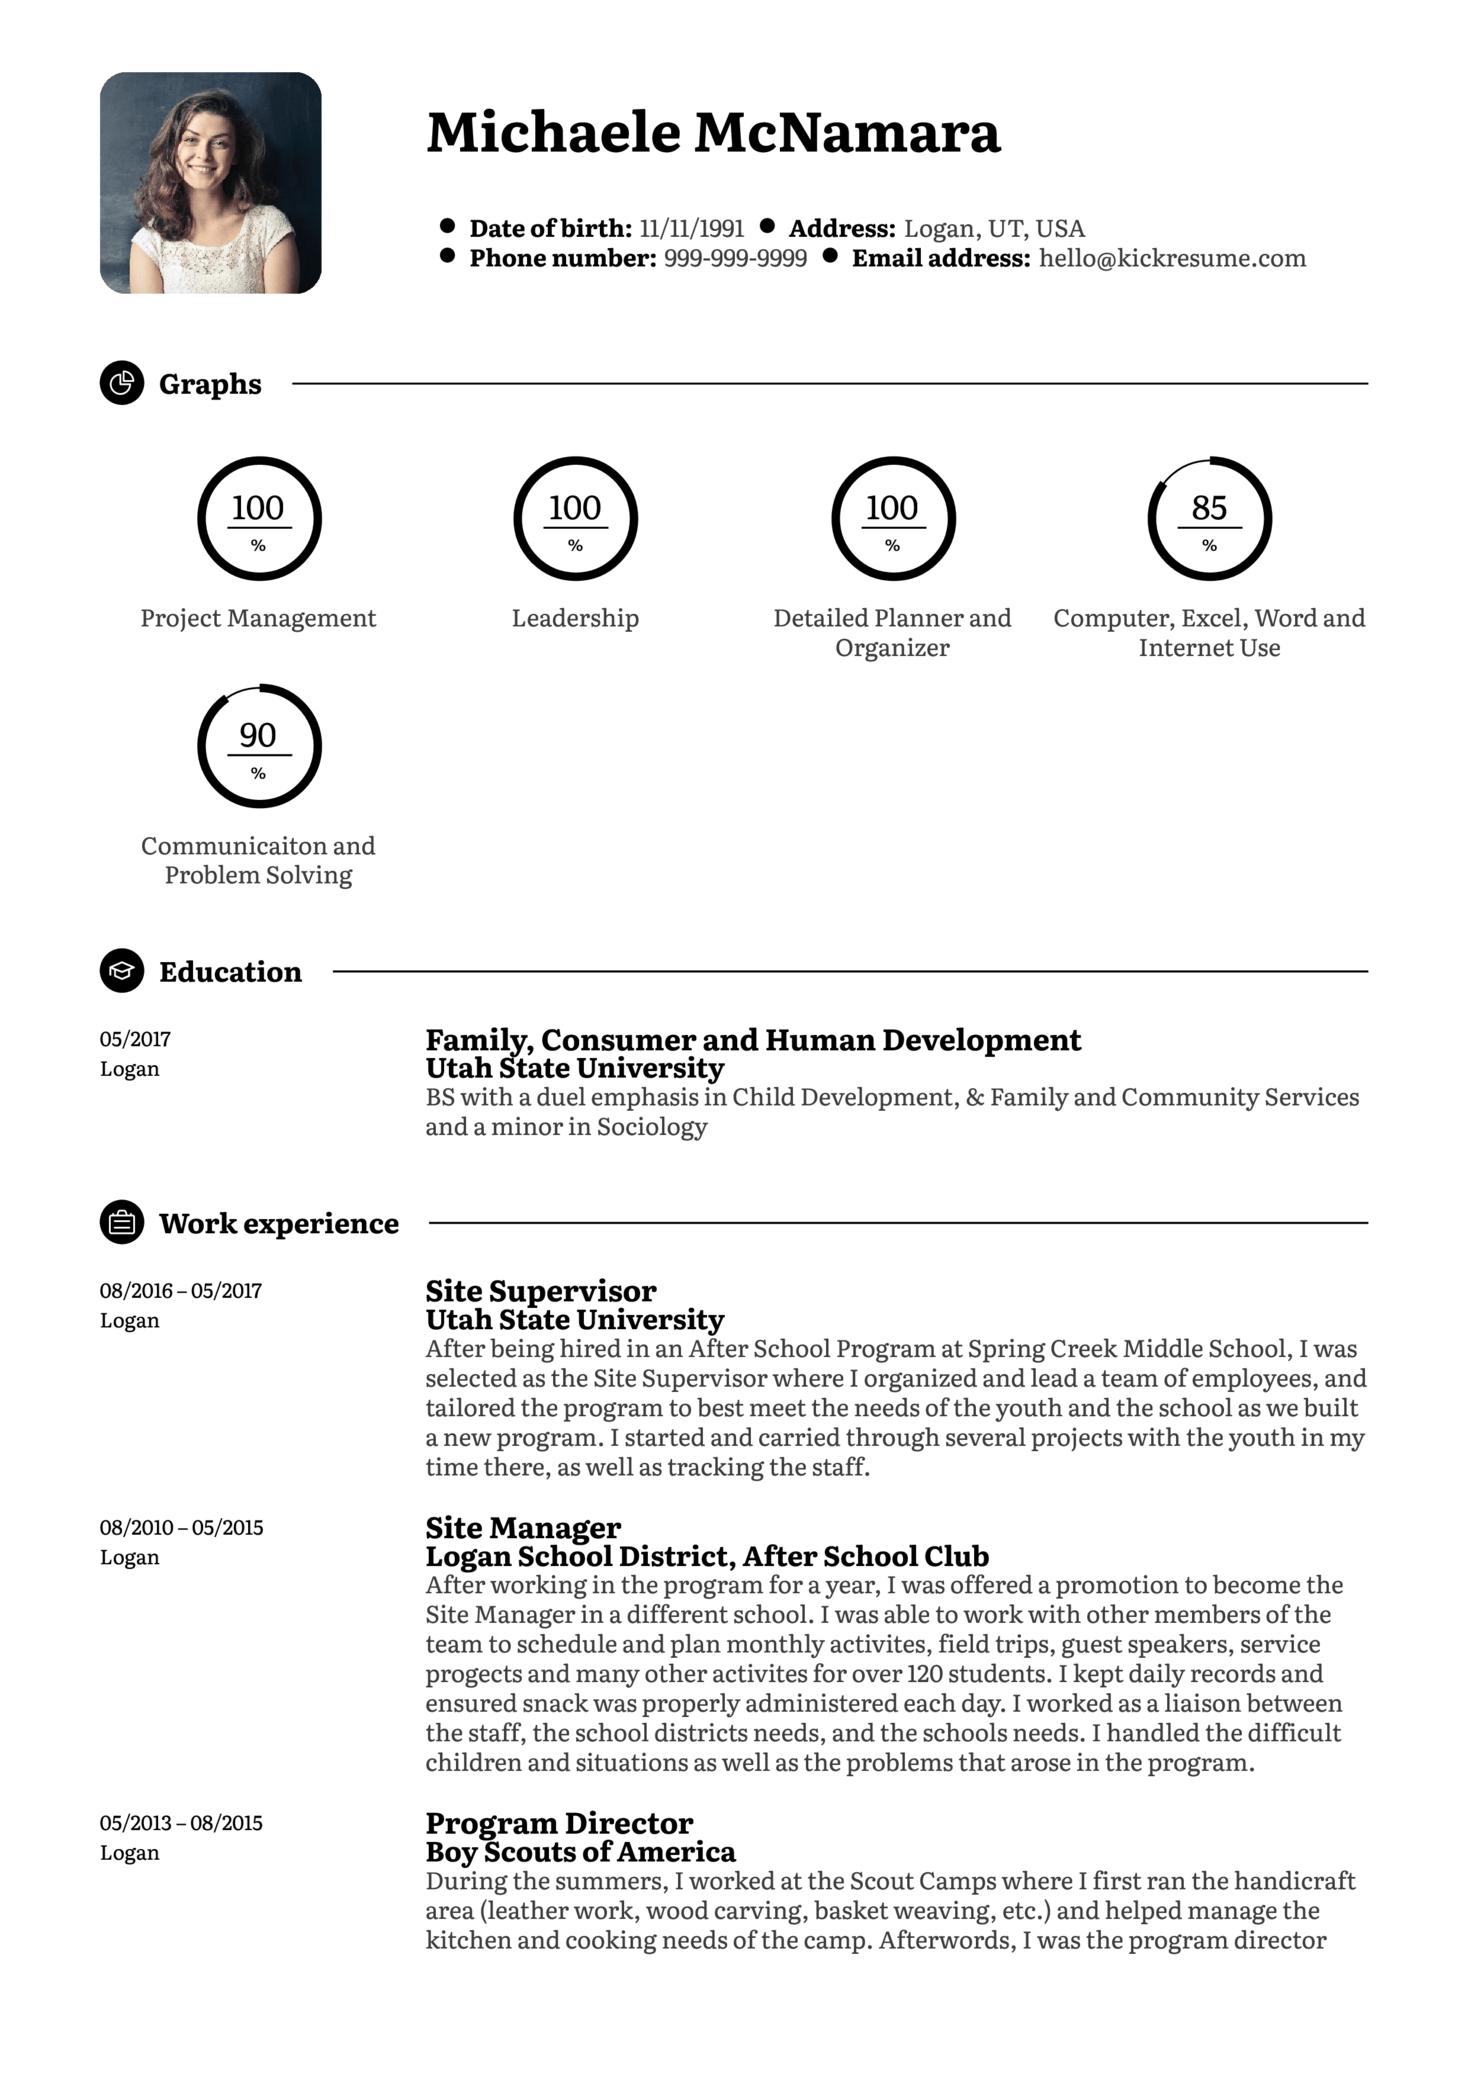 Refocus Specialist Resume Sample (Parte 1)